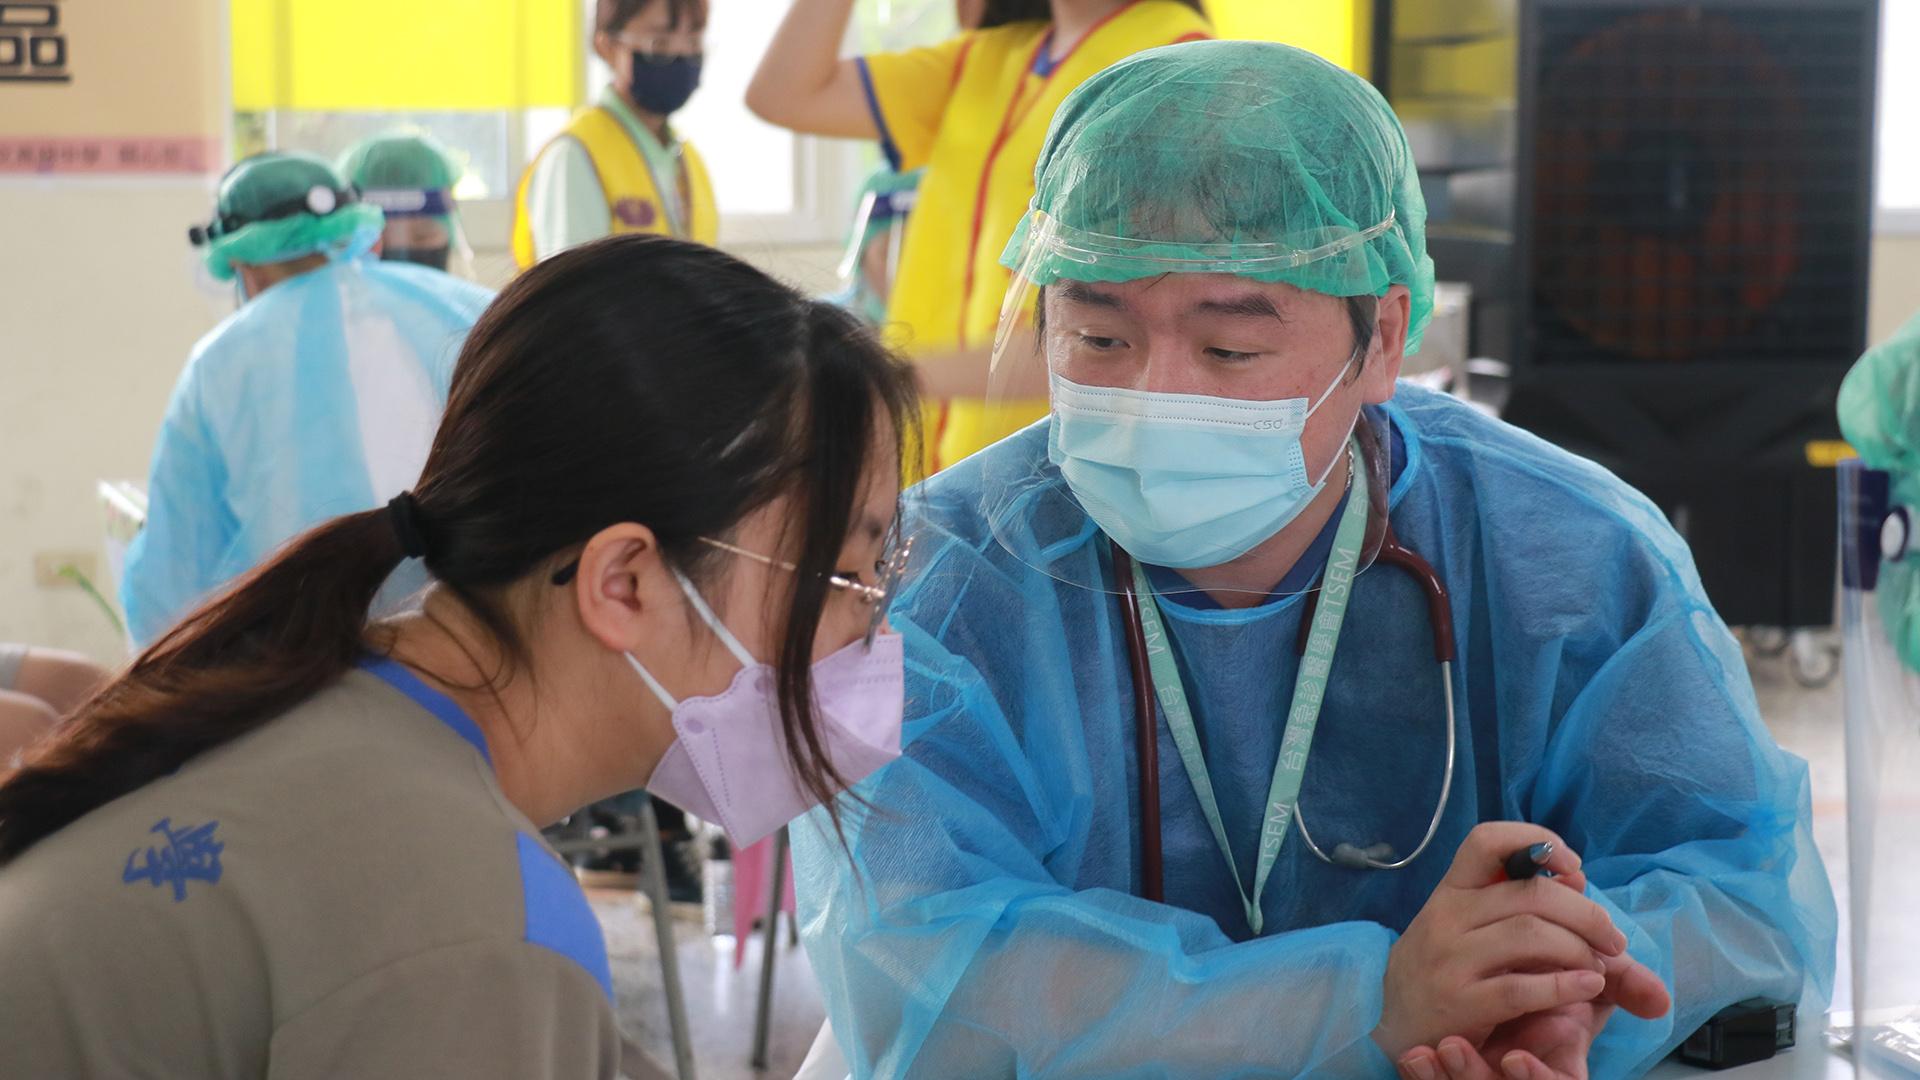 李豐佑醫師仔細評估接種人的情況並給予衛教。